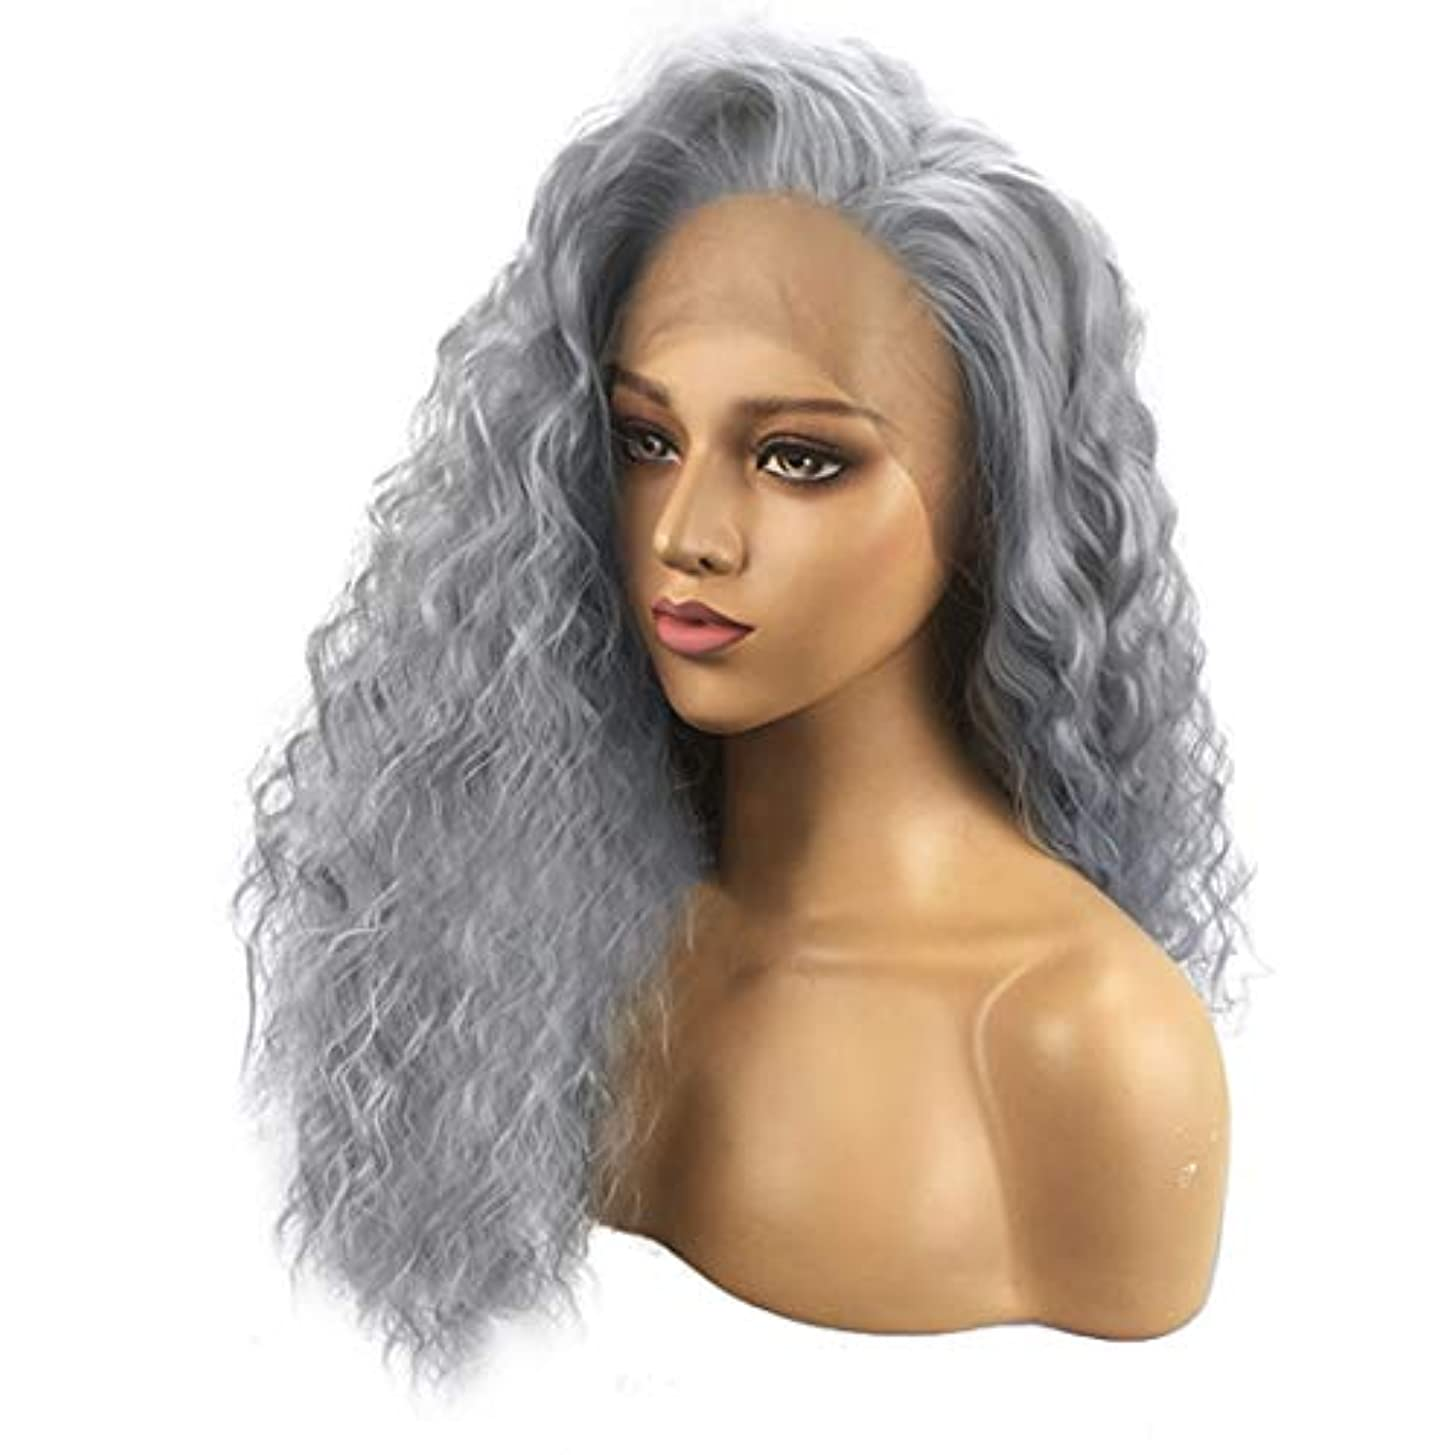 超高層ビル食事を調理する無駄Fuku つけ毛 かつら女性のフロントのレースの長い巻き毛の化学繊維のレースのヘッドギア (色 : 写真の通り)